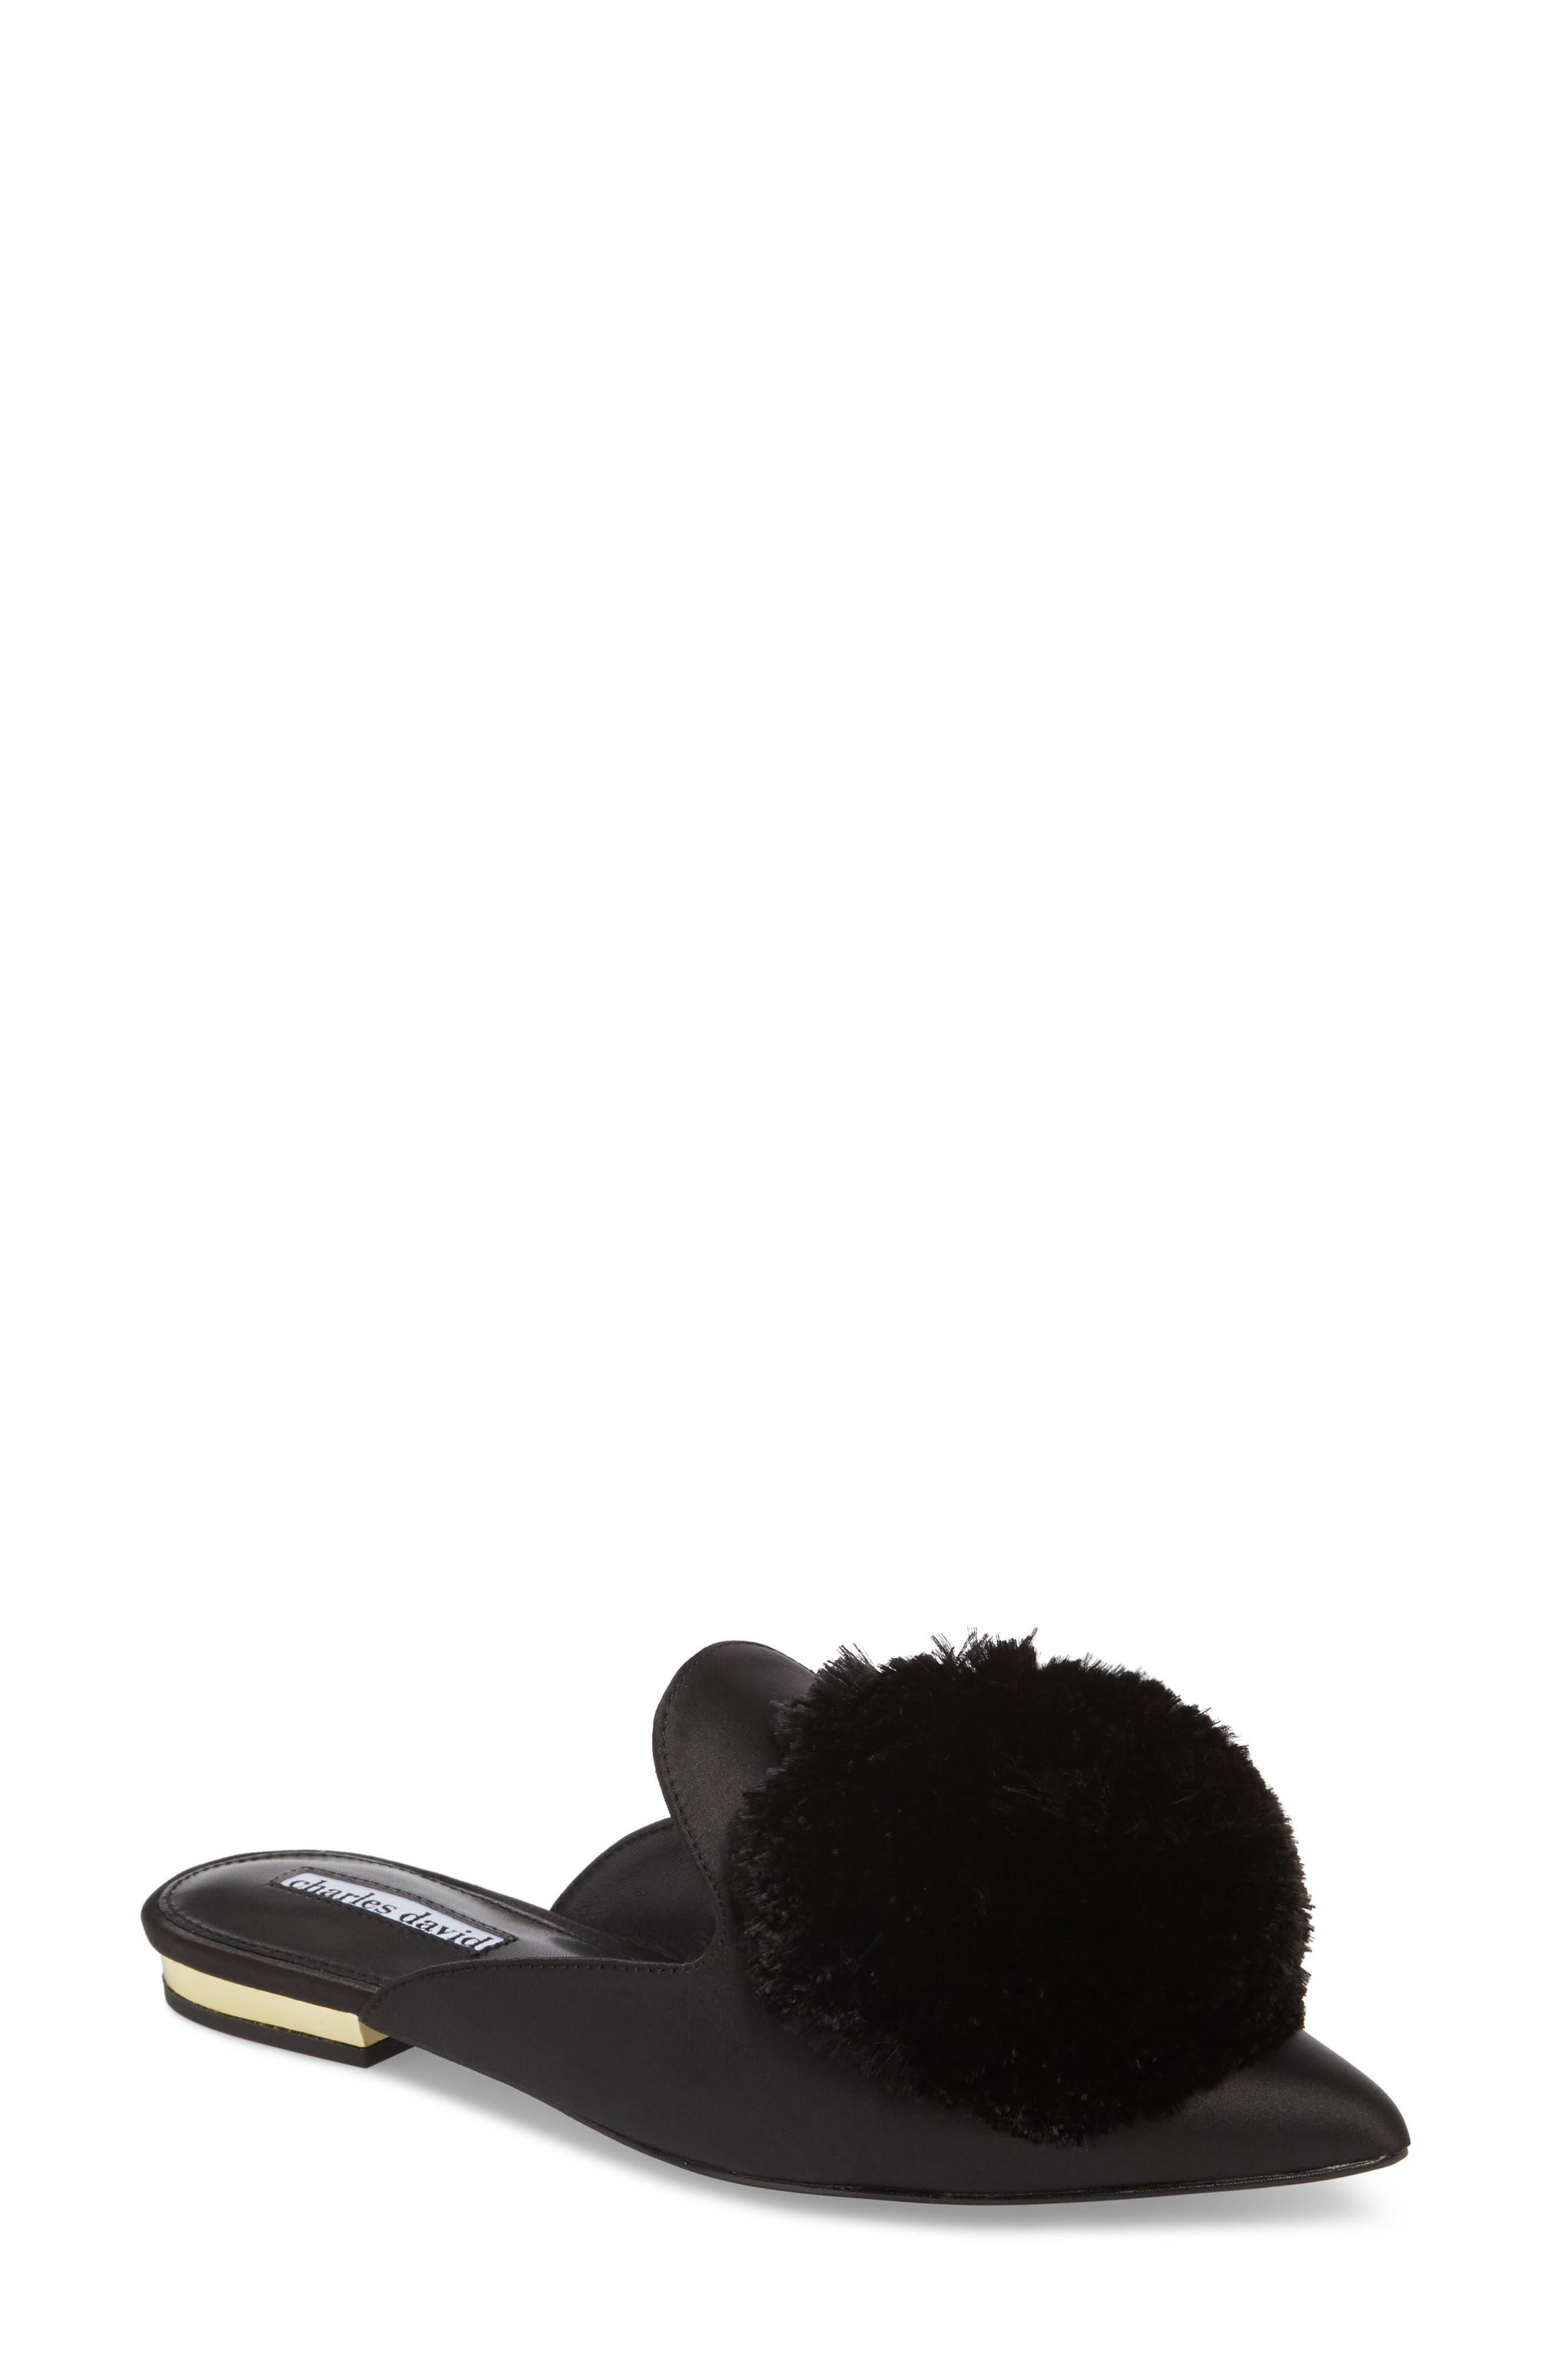 Charles David Wella Pompom Loafer Mule, Black